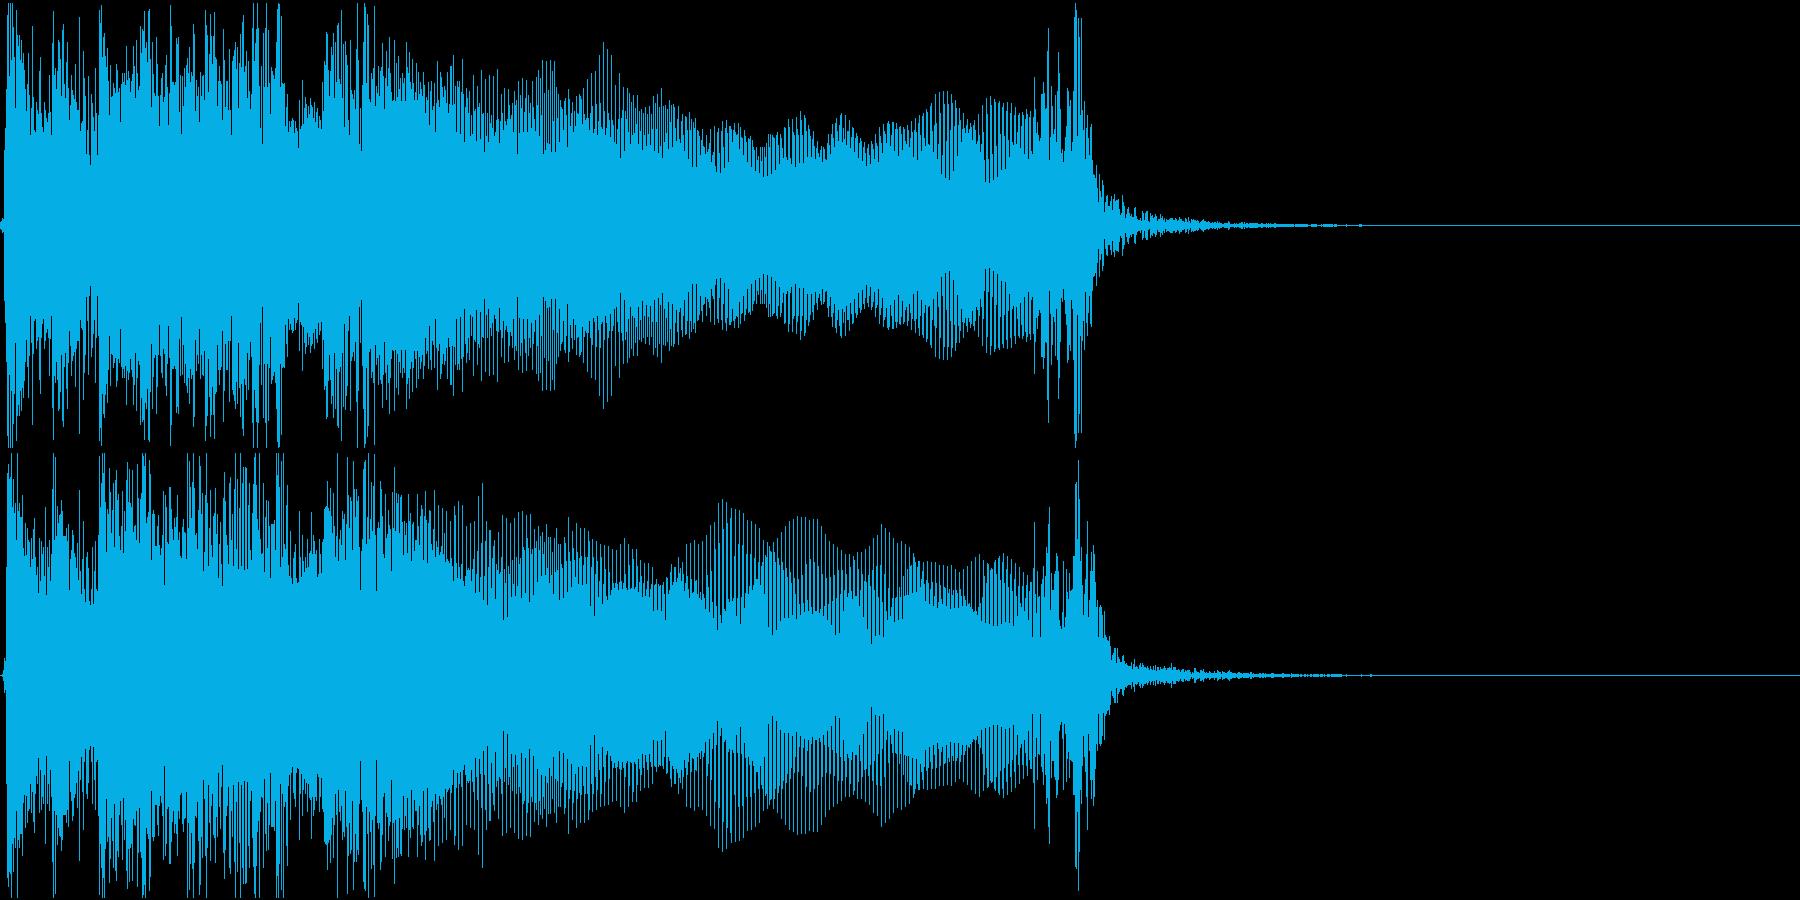 生演奏でのハードなロックジングルS2の再生済みの波形